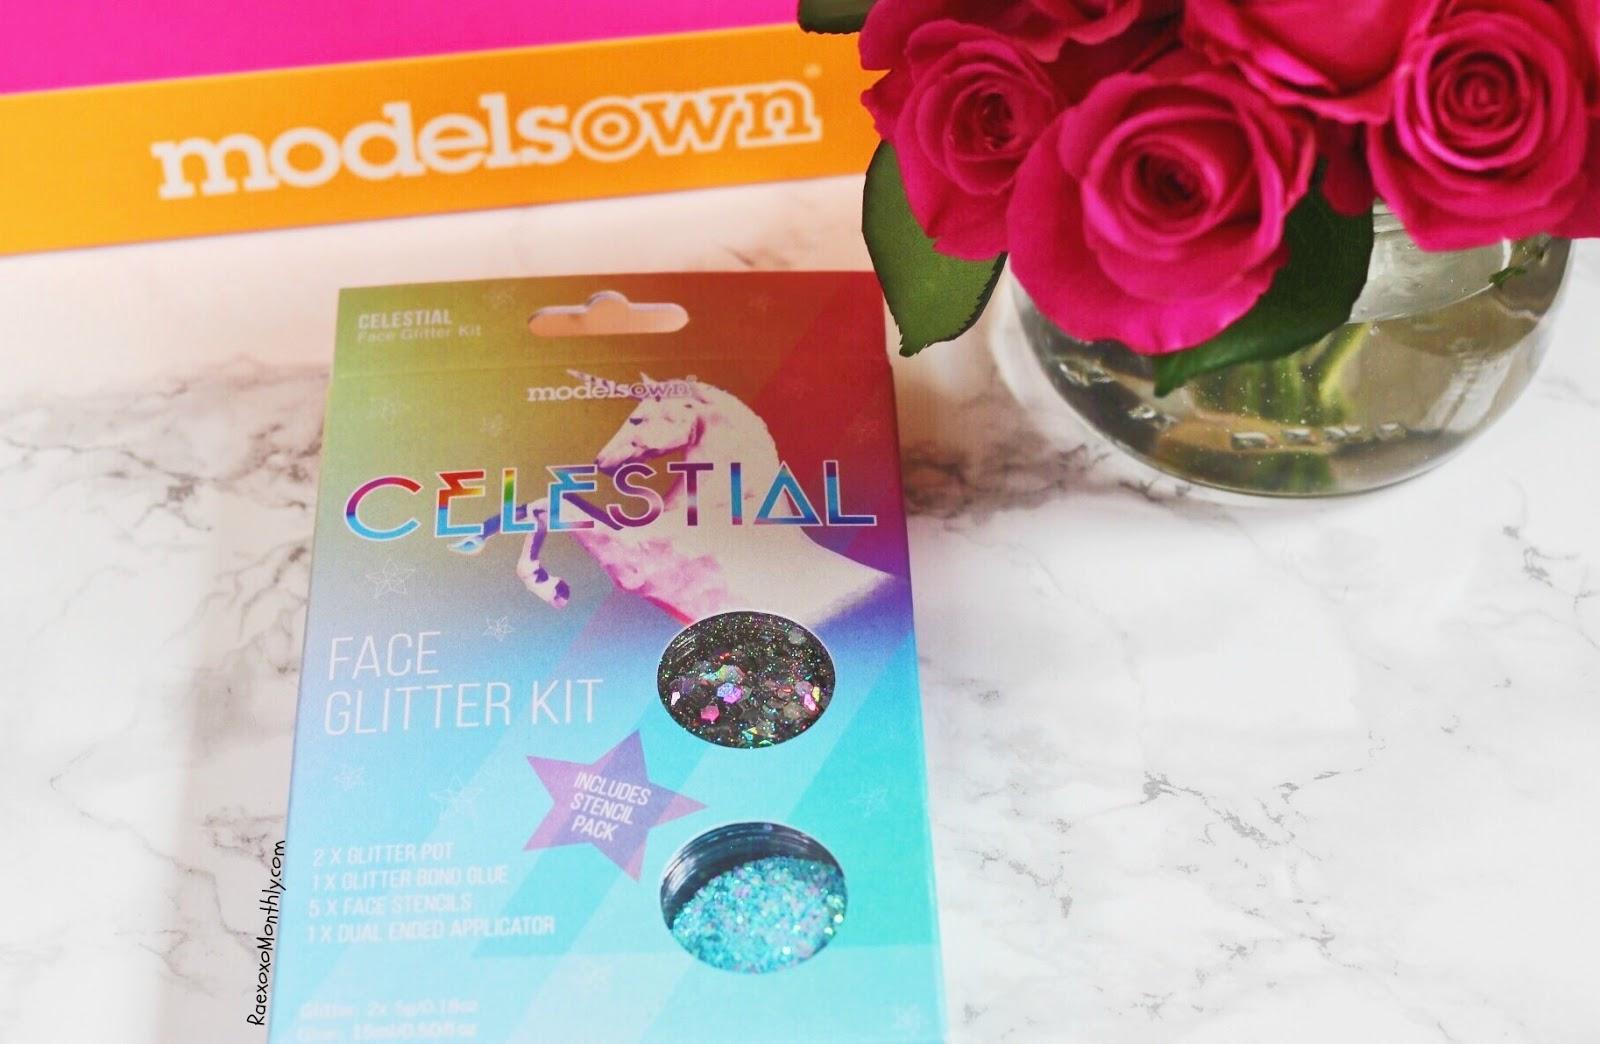 Celestial Face Glitter Kit